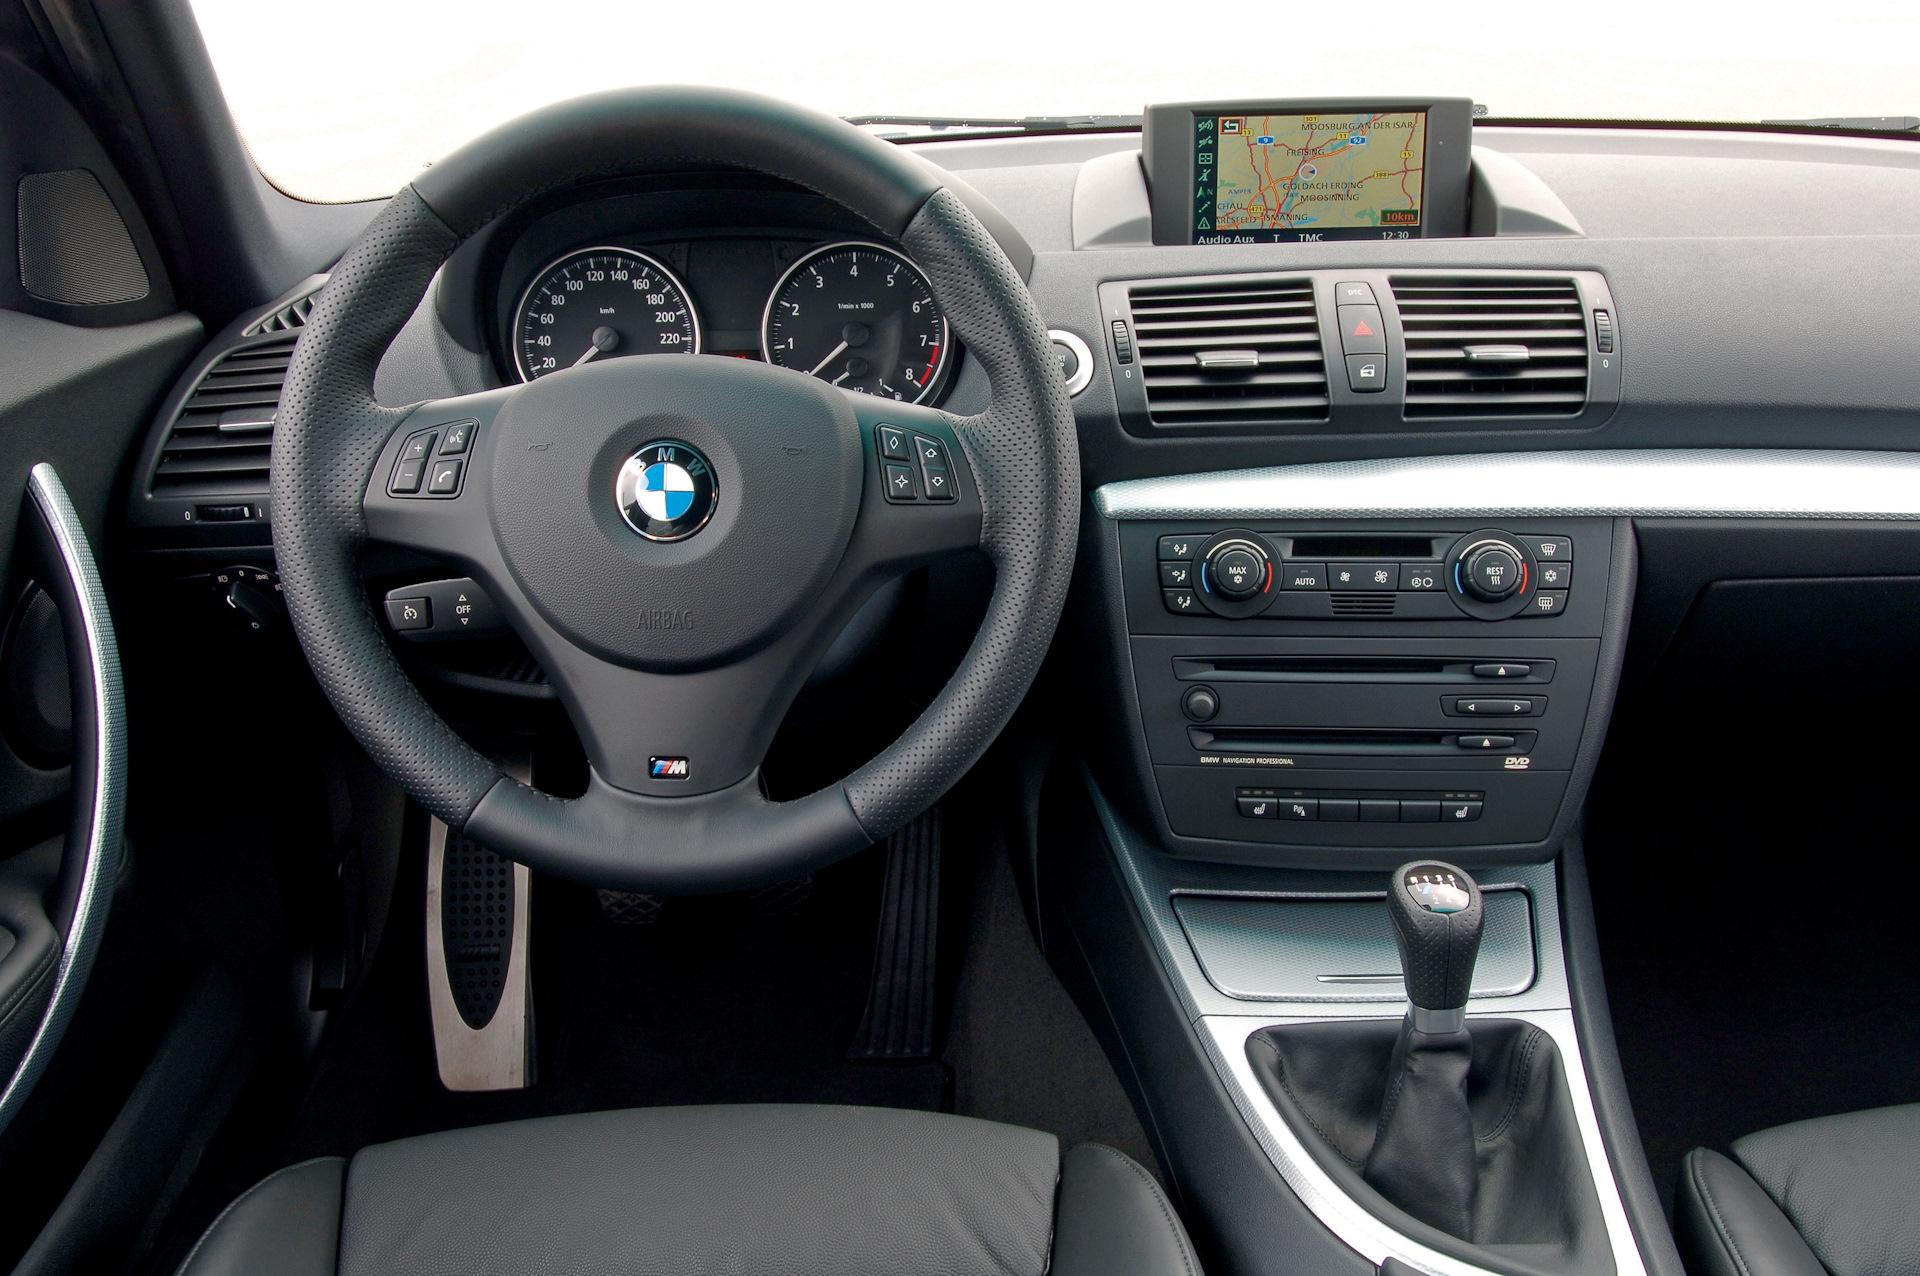 Как настроить напоминание о превышении допустимой скорости на BMW 1-Series Е87?